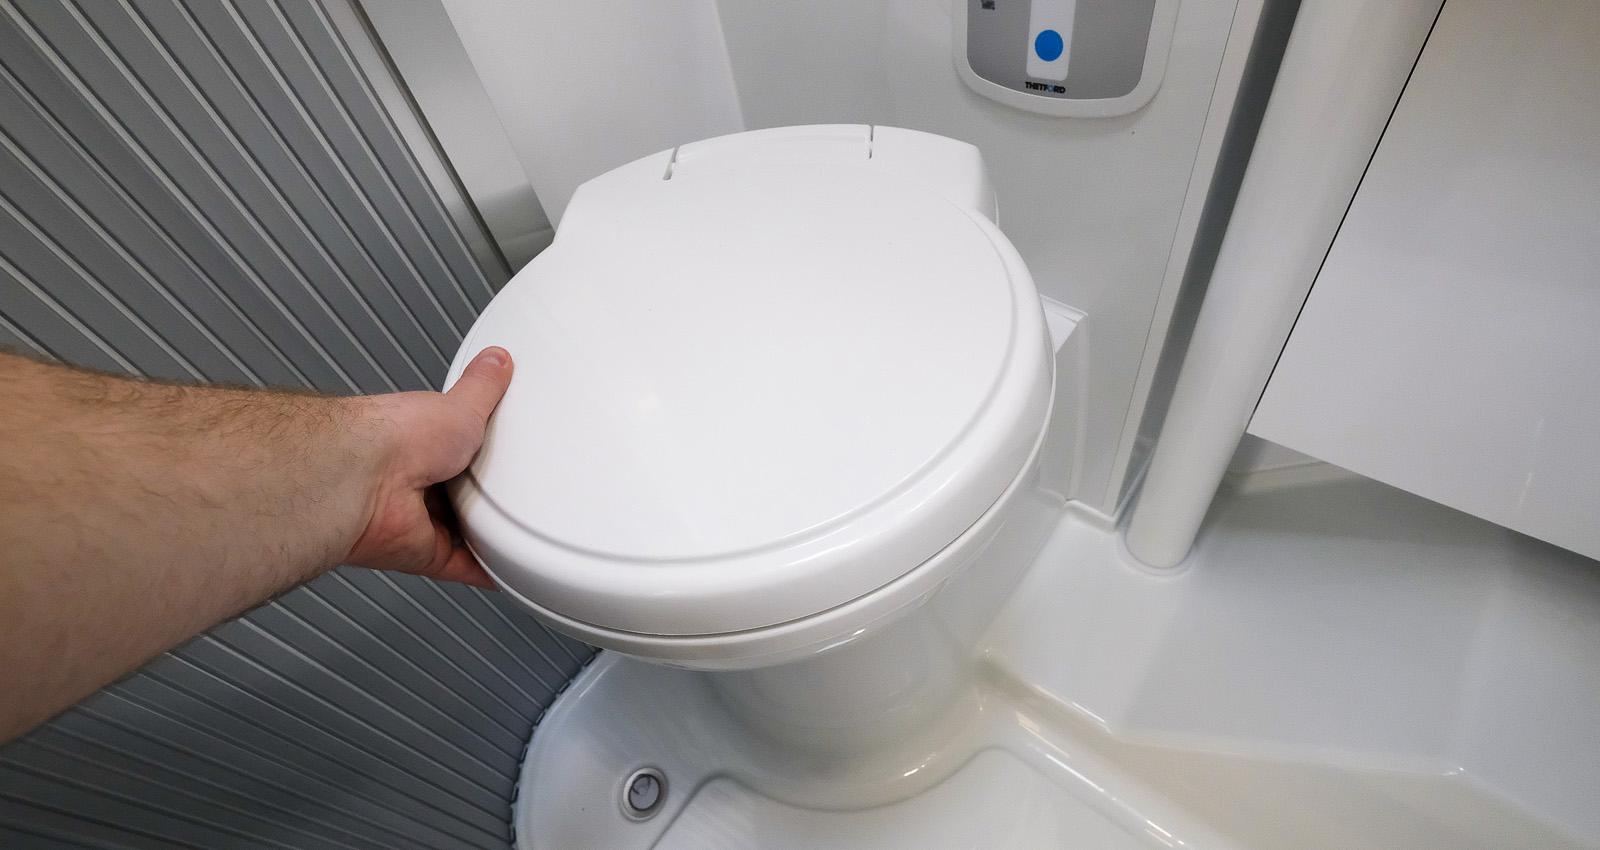 Toalettstolen kan vridas.